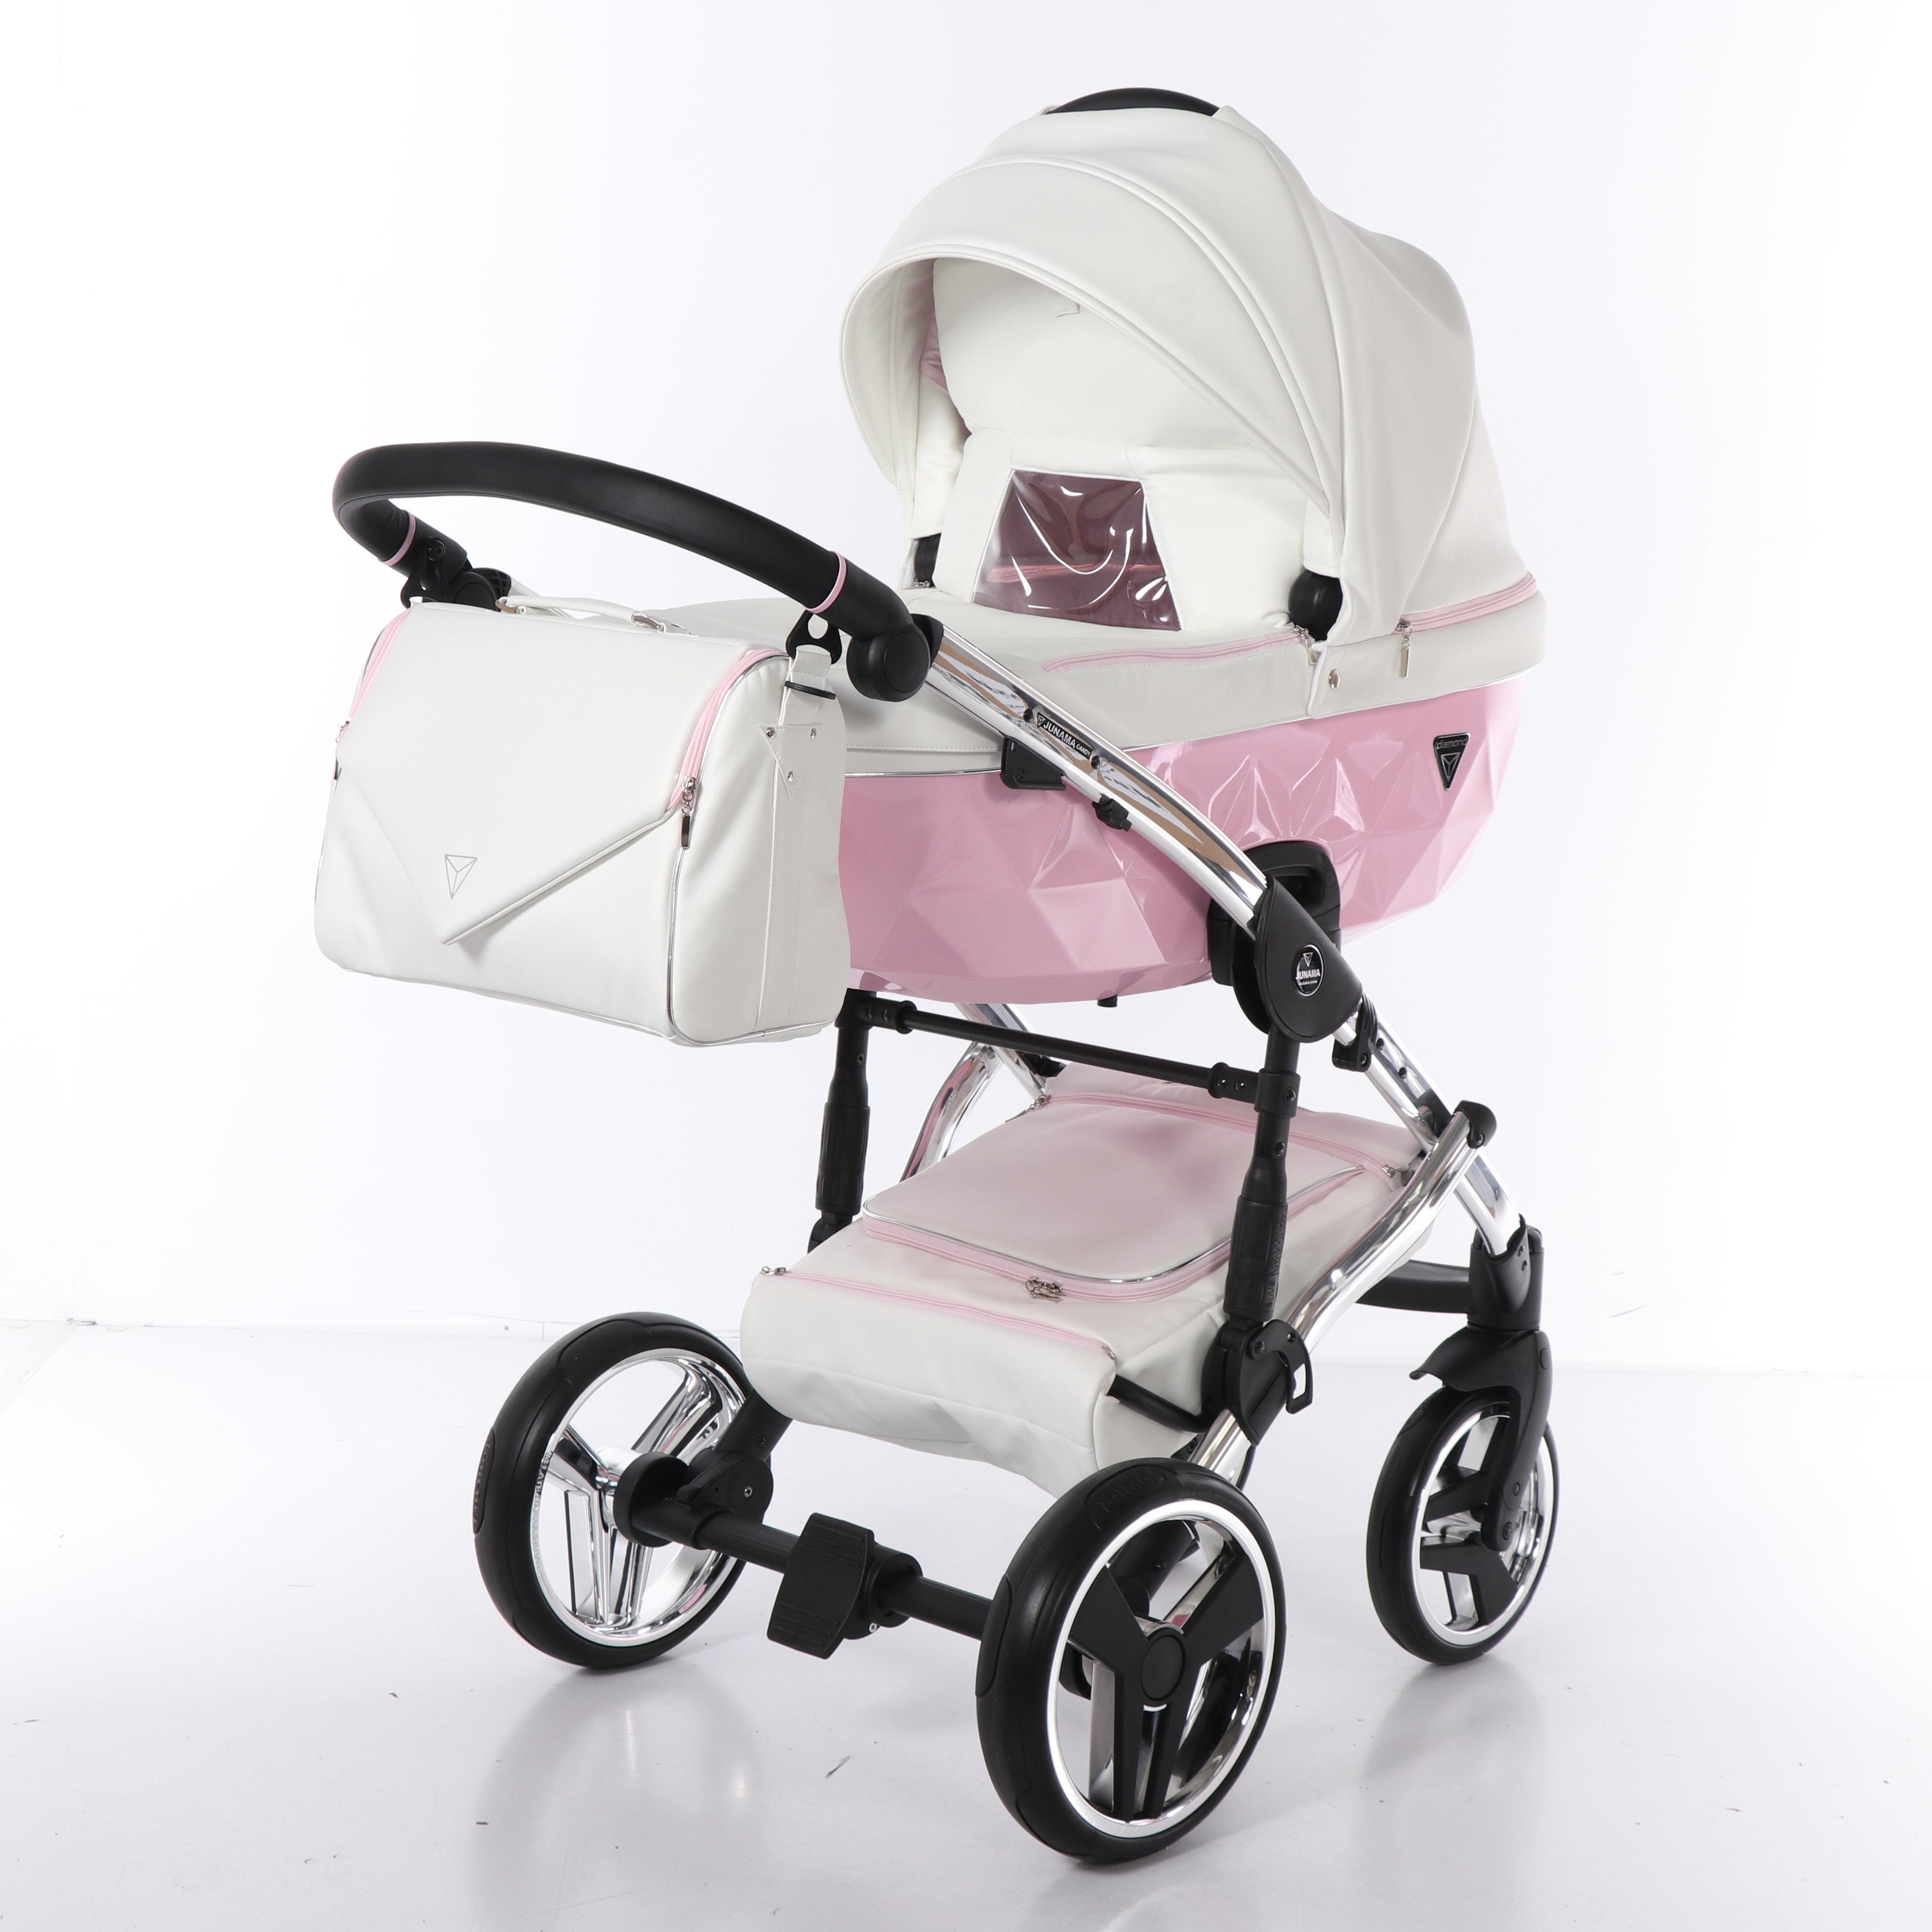 Junama Candy gondola Dadi Shop wózek dziecięcy wielofunkcyjny